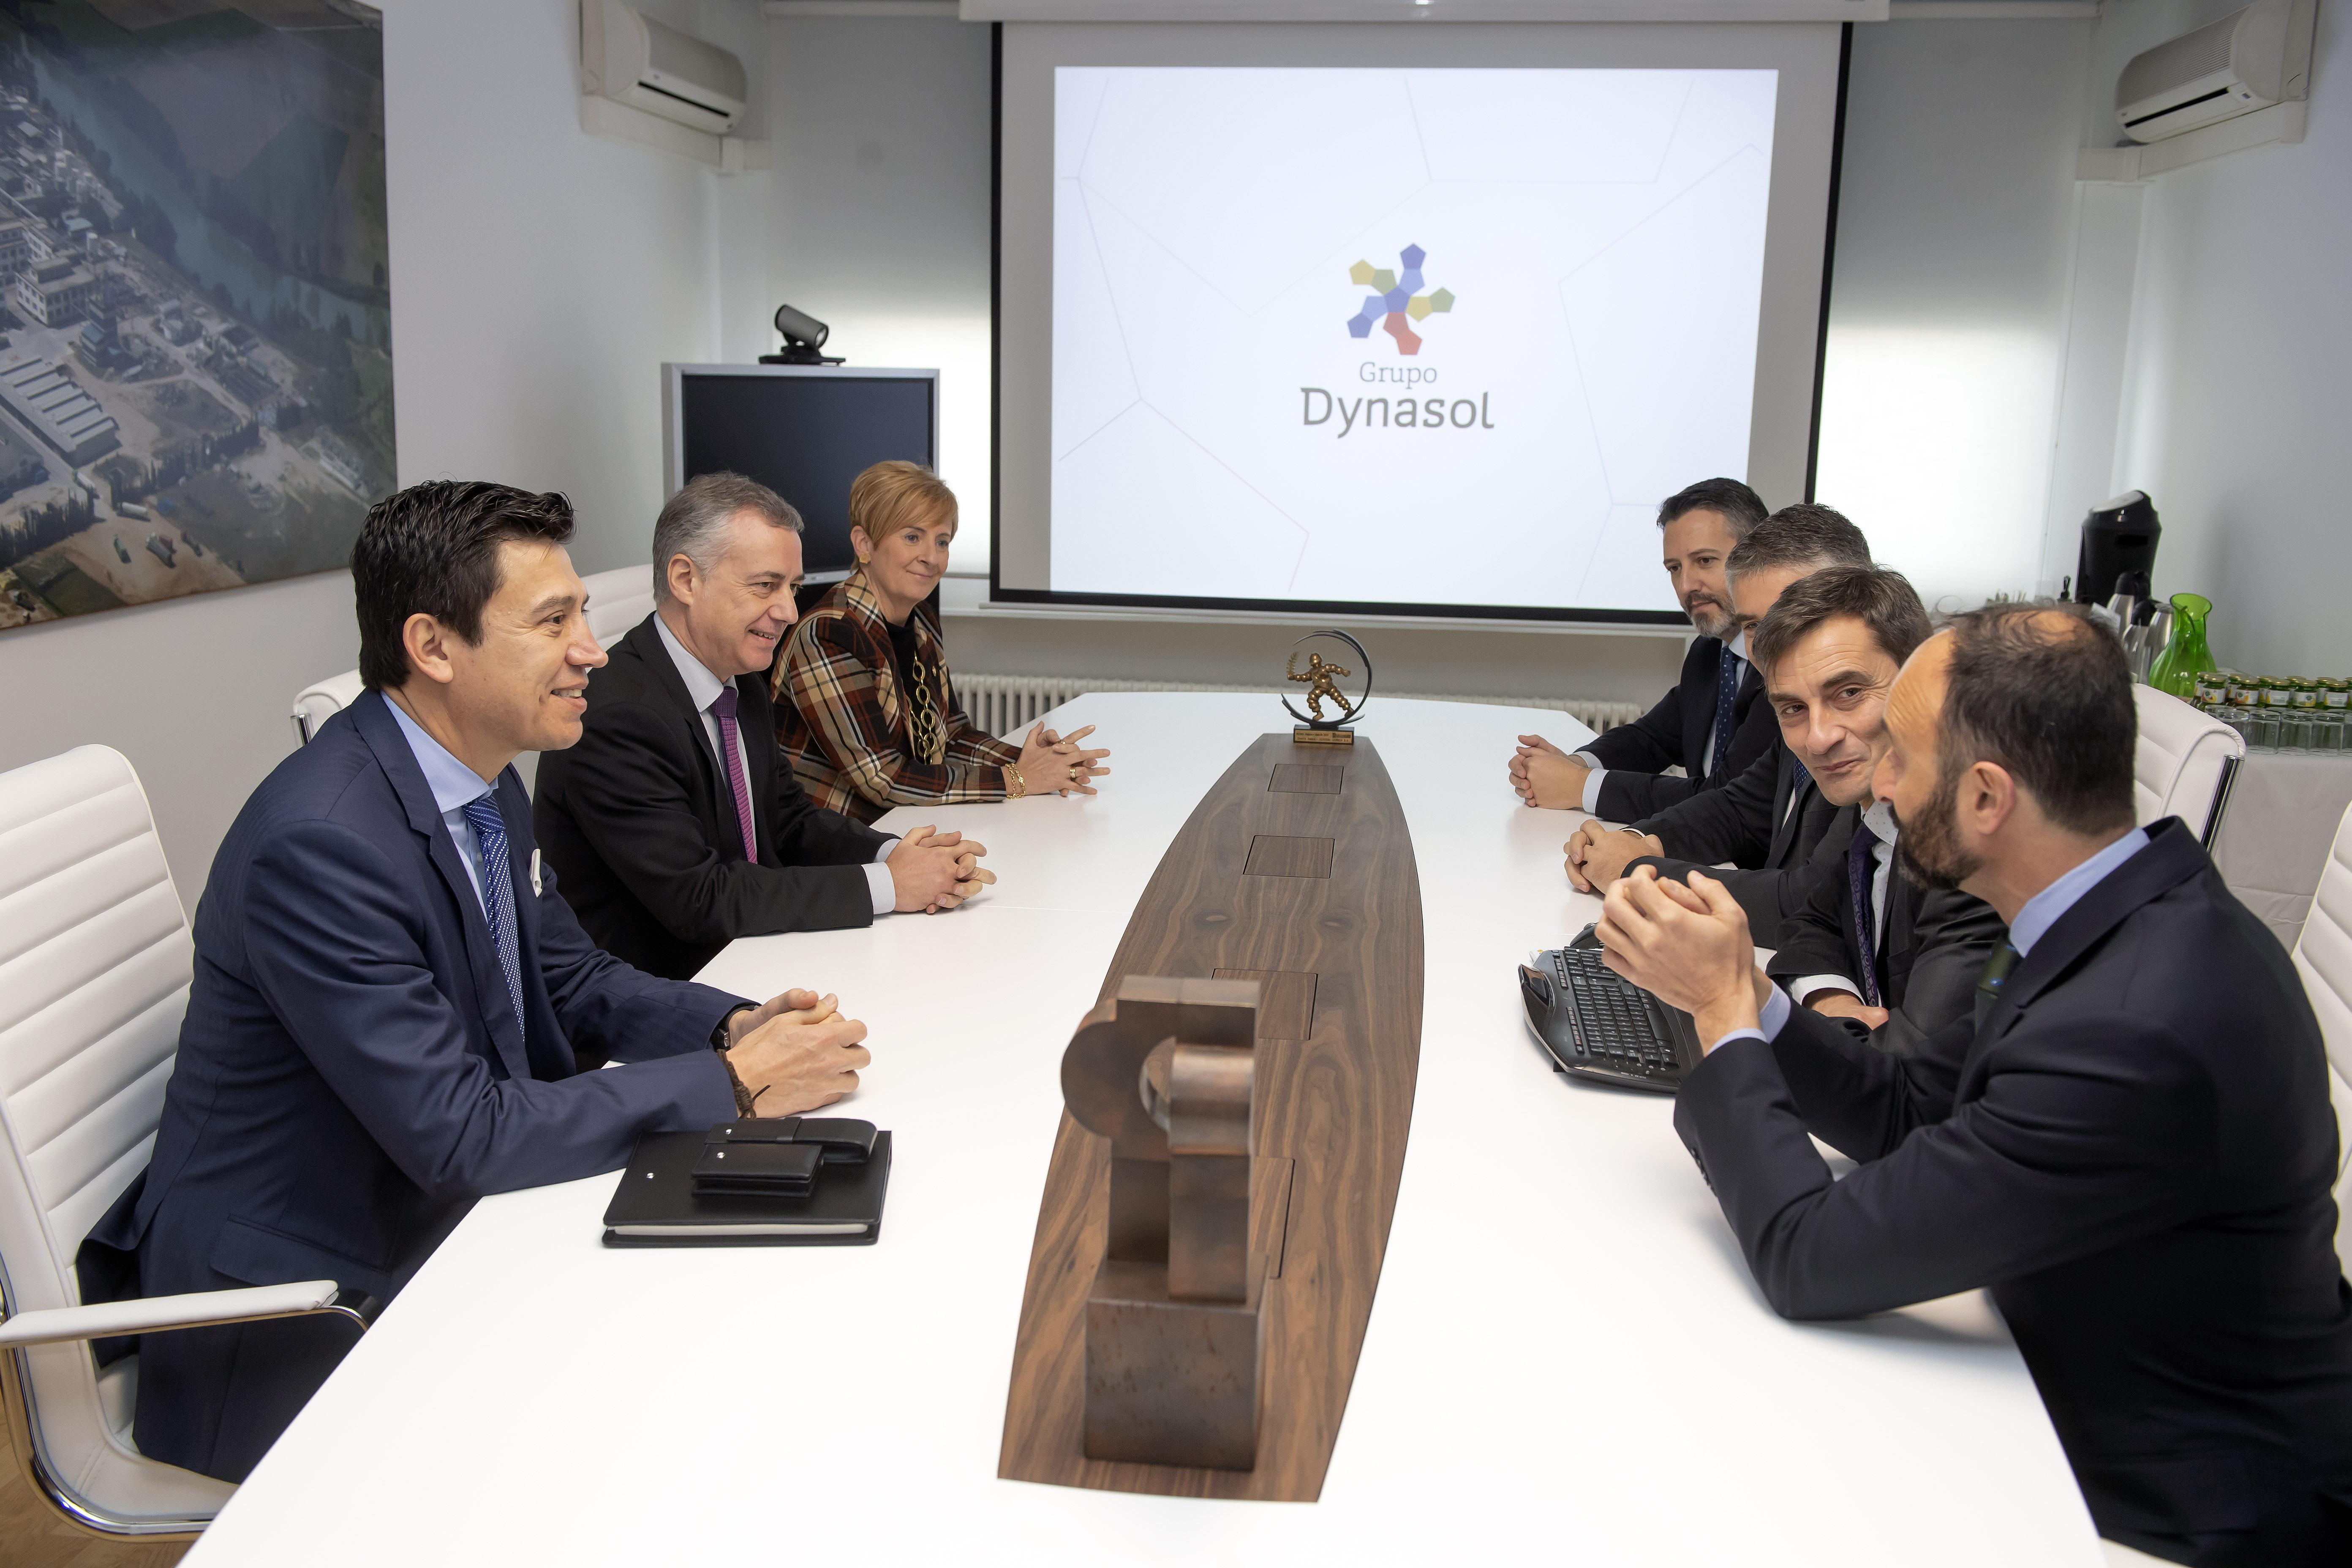 """Lehendakari aboga por seguir trabajando en pos de la reactivación de la economía, """"mejorando la competitividad y generando nuevas oportunidades de empleo de mayor calidad"""""""